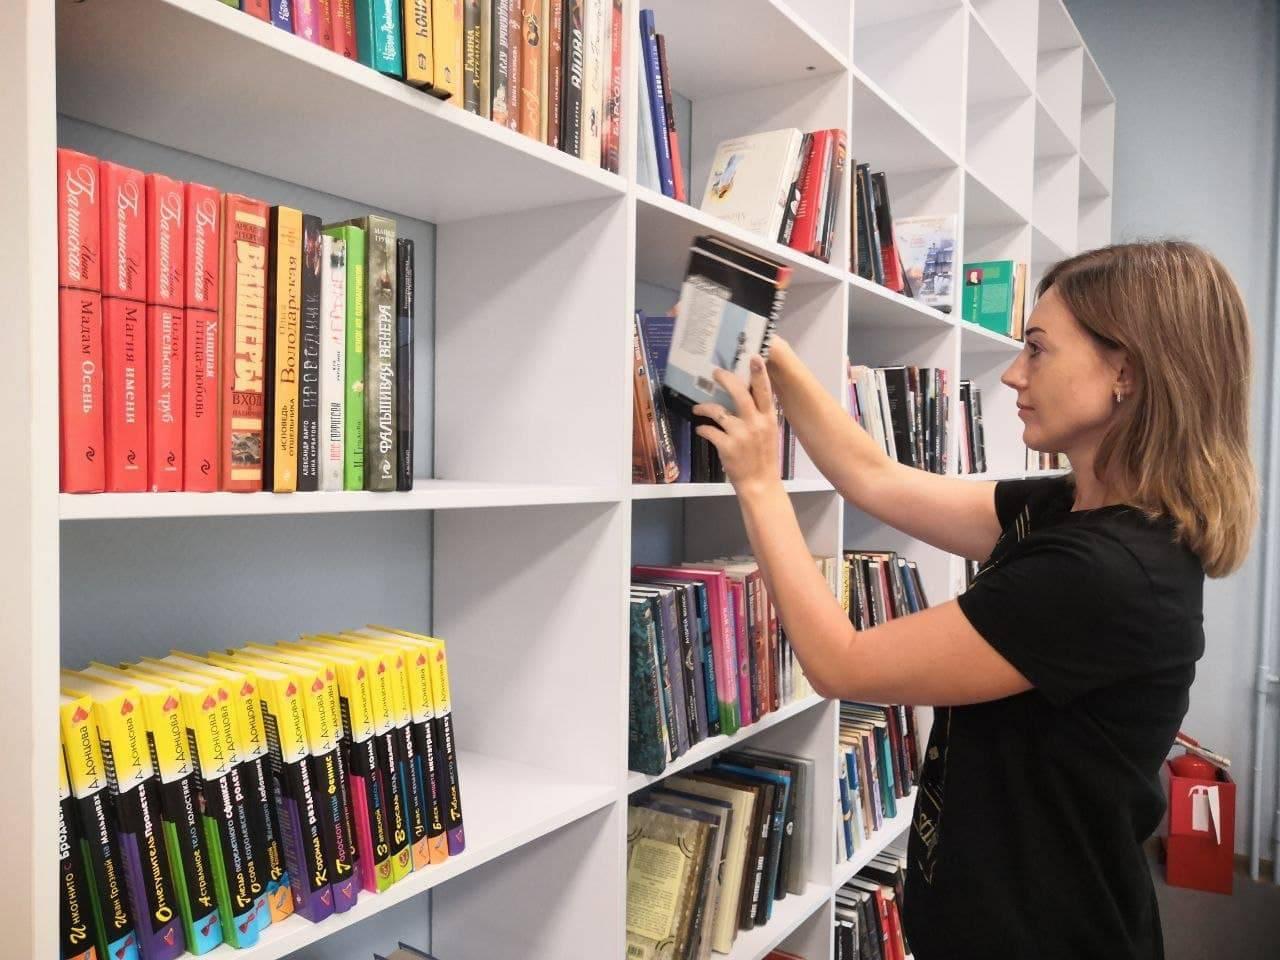 Почти 23 млн рублей выделят на покупку книг для библиотек Подмосковья в 2021 году | Изображение 2